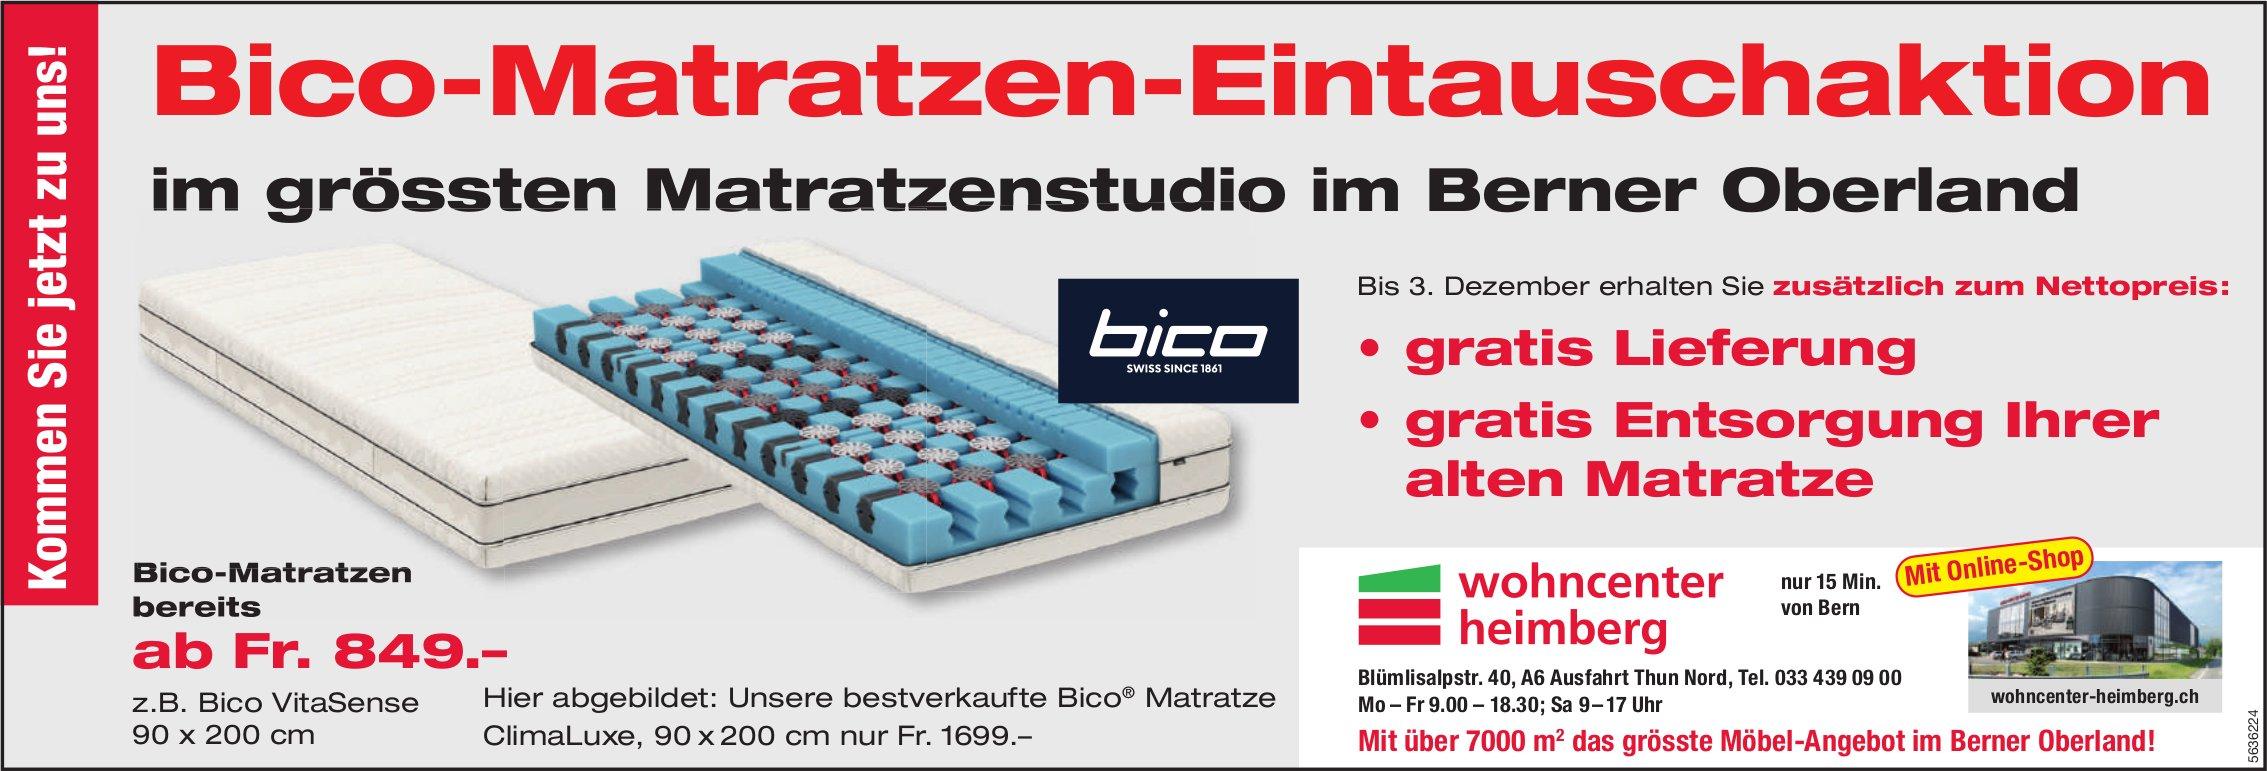 Wohncenter Heimberg - Bico-Matratzen-Eintauschaktion